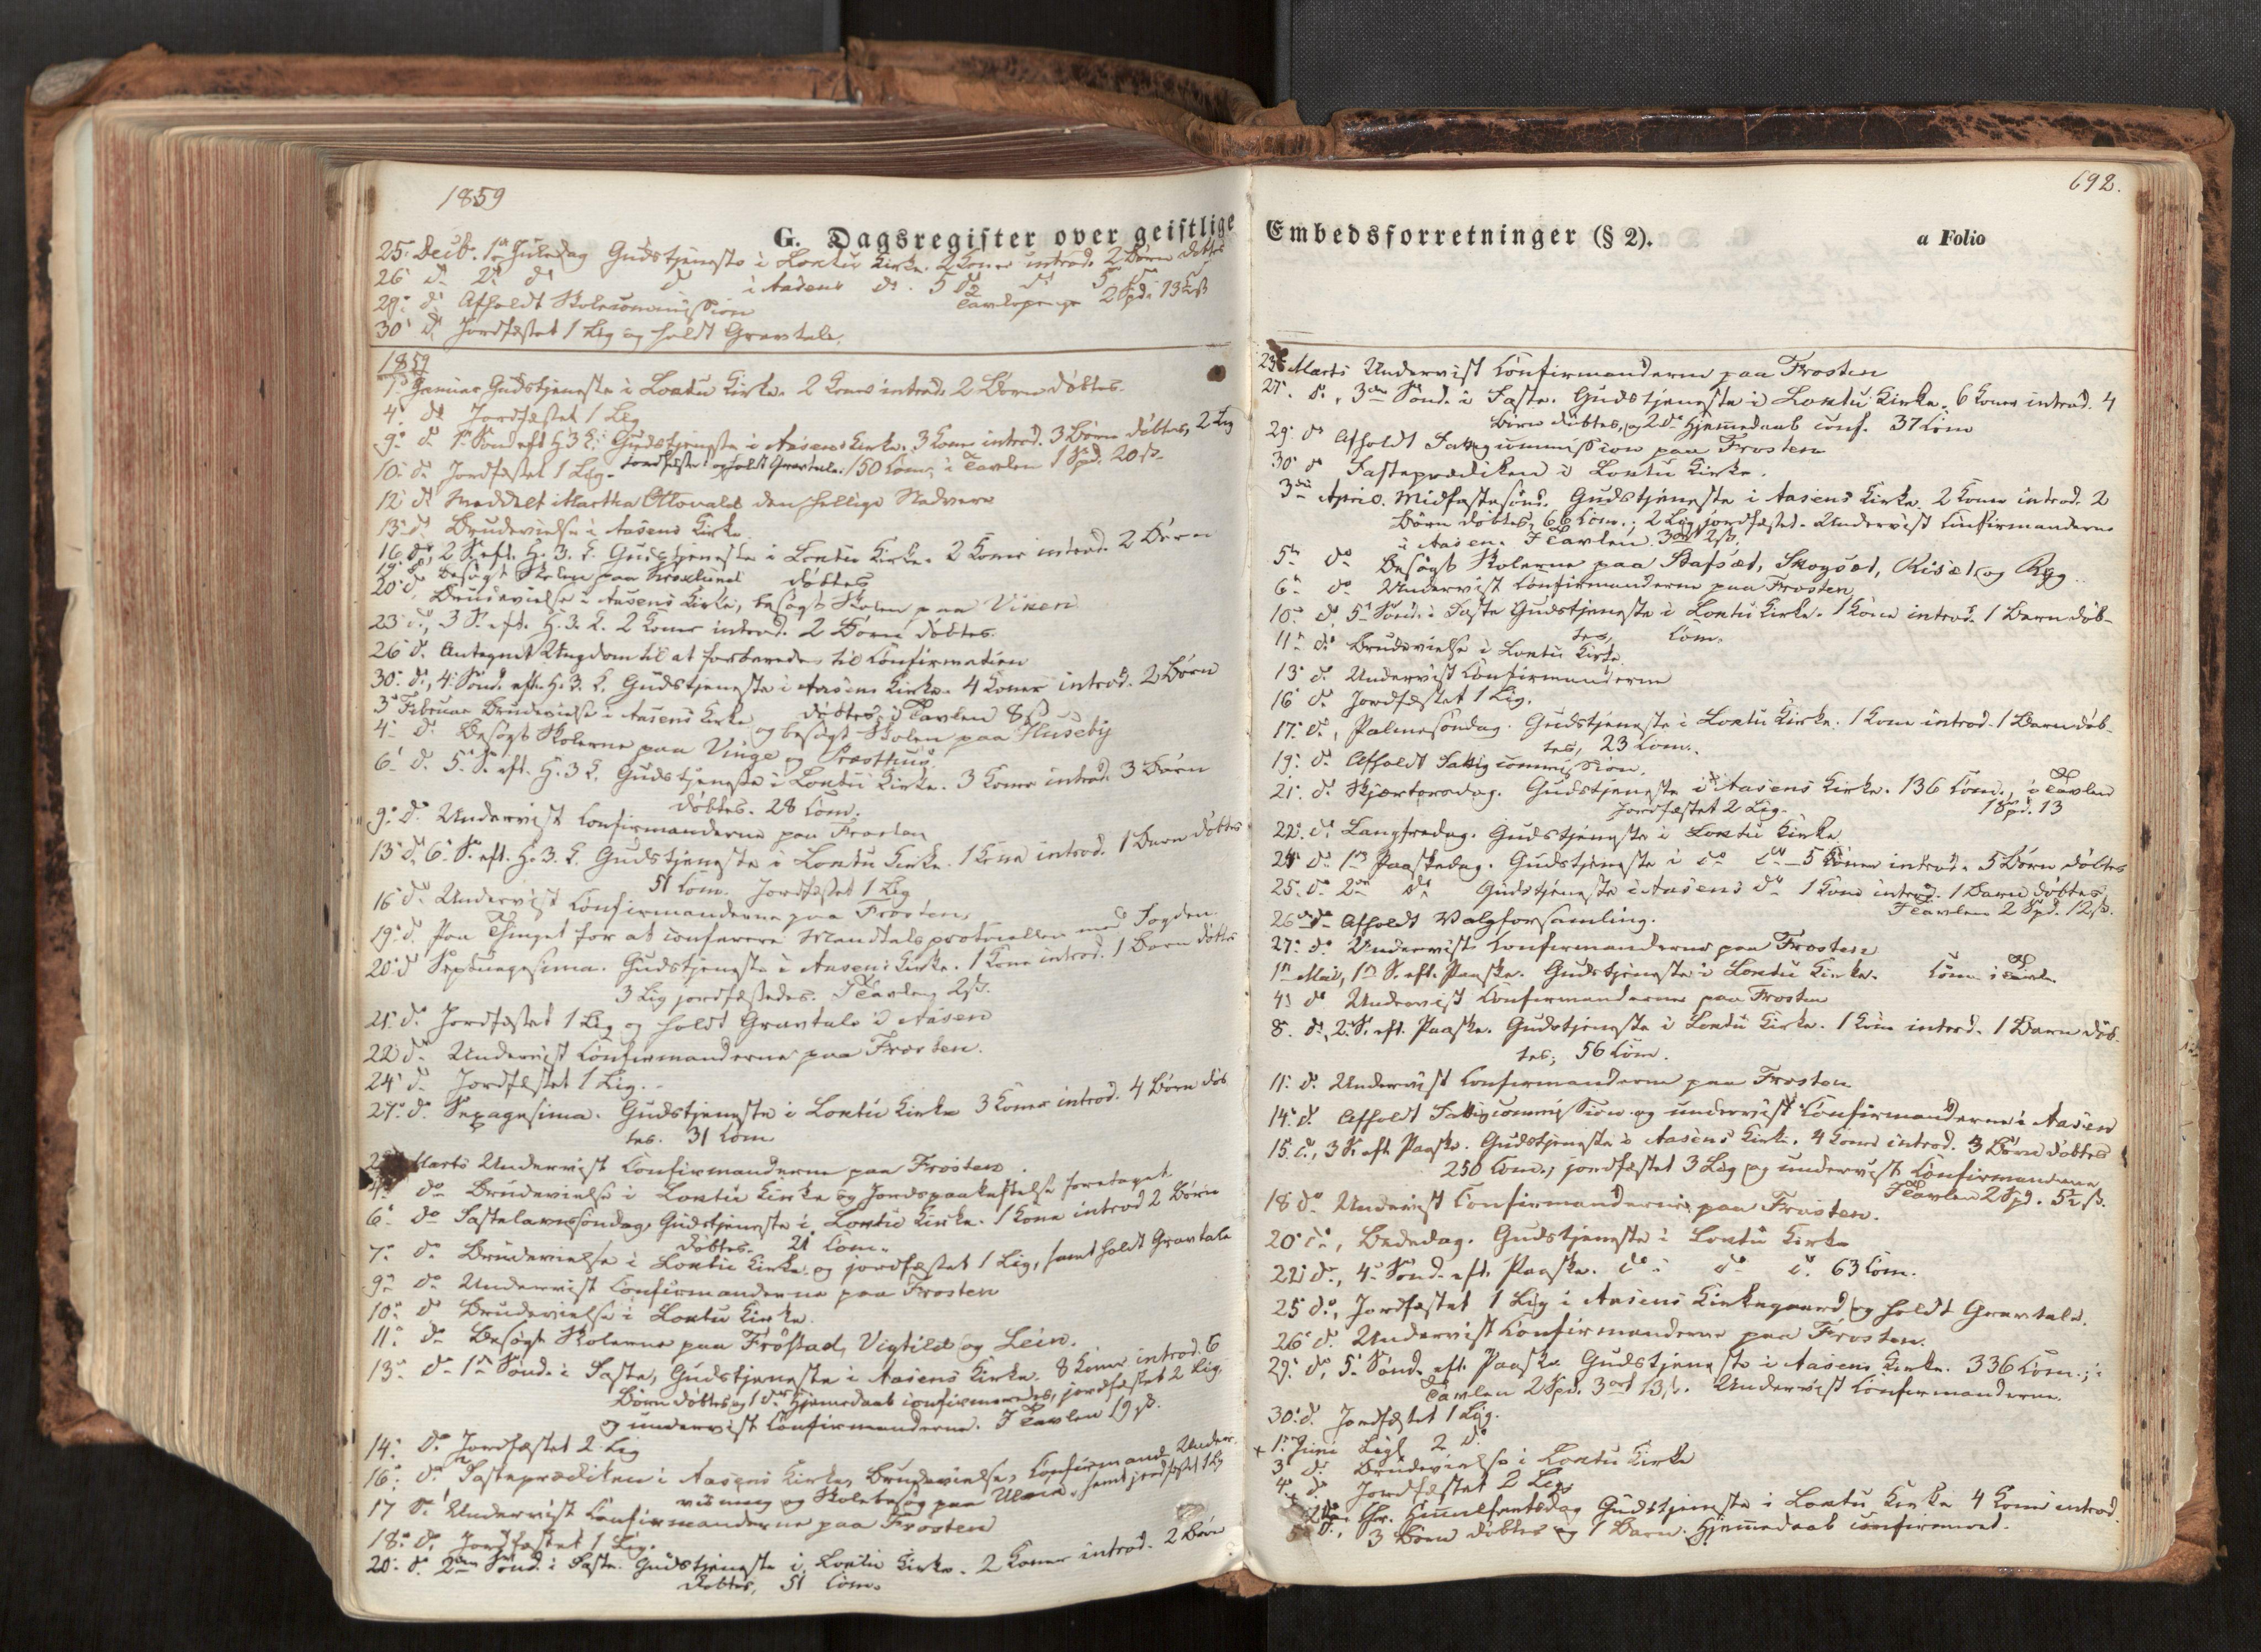 SAT, Ministerialprotokoller, klokkerbøker og fødselsregistre - Nord-Trøndelag, 713/L0116: Ministerialbok nr. 713A07, 1850-1877, s. 692